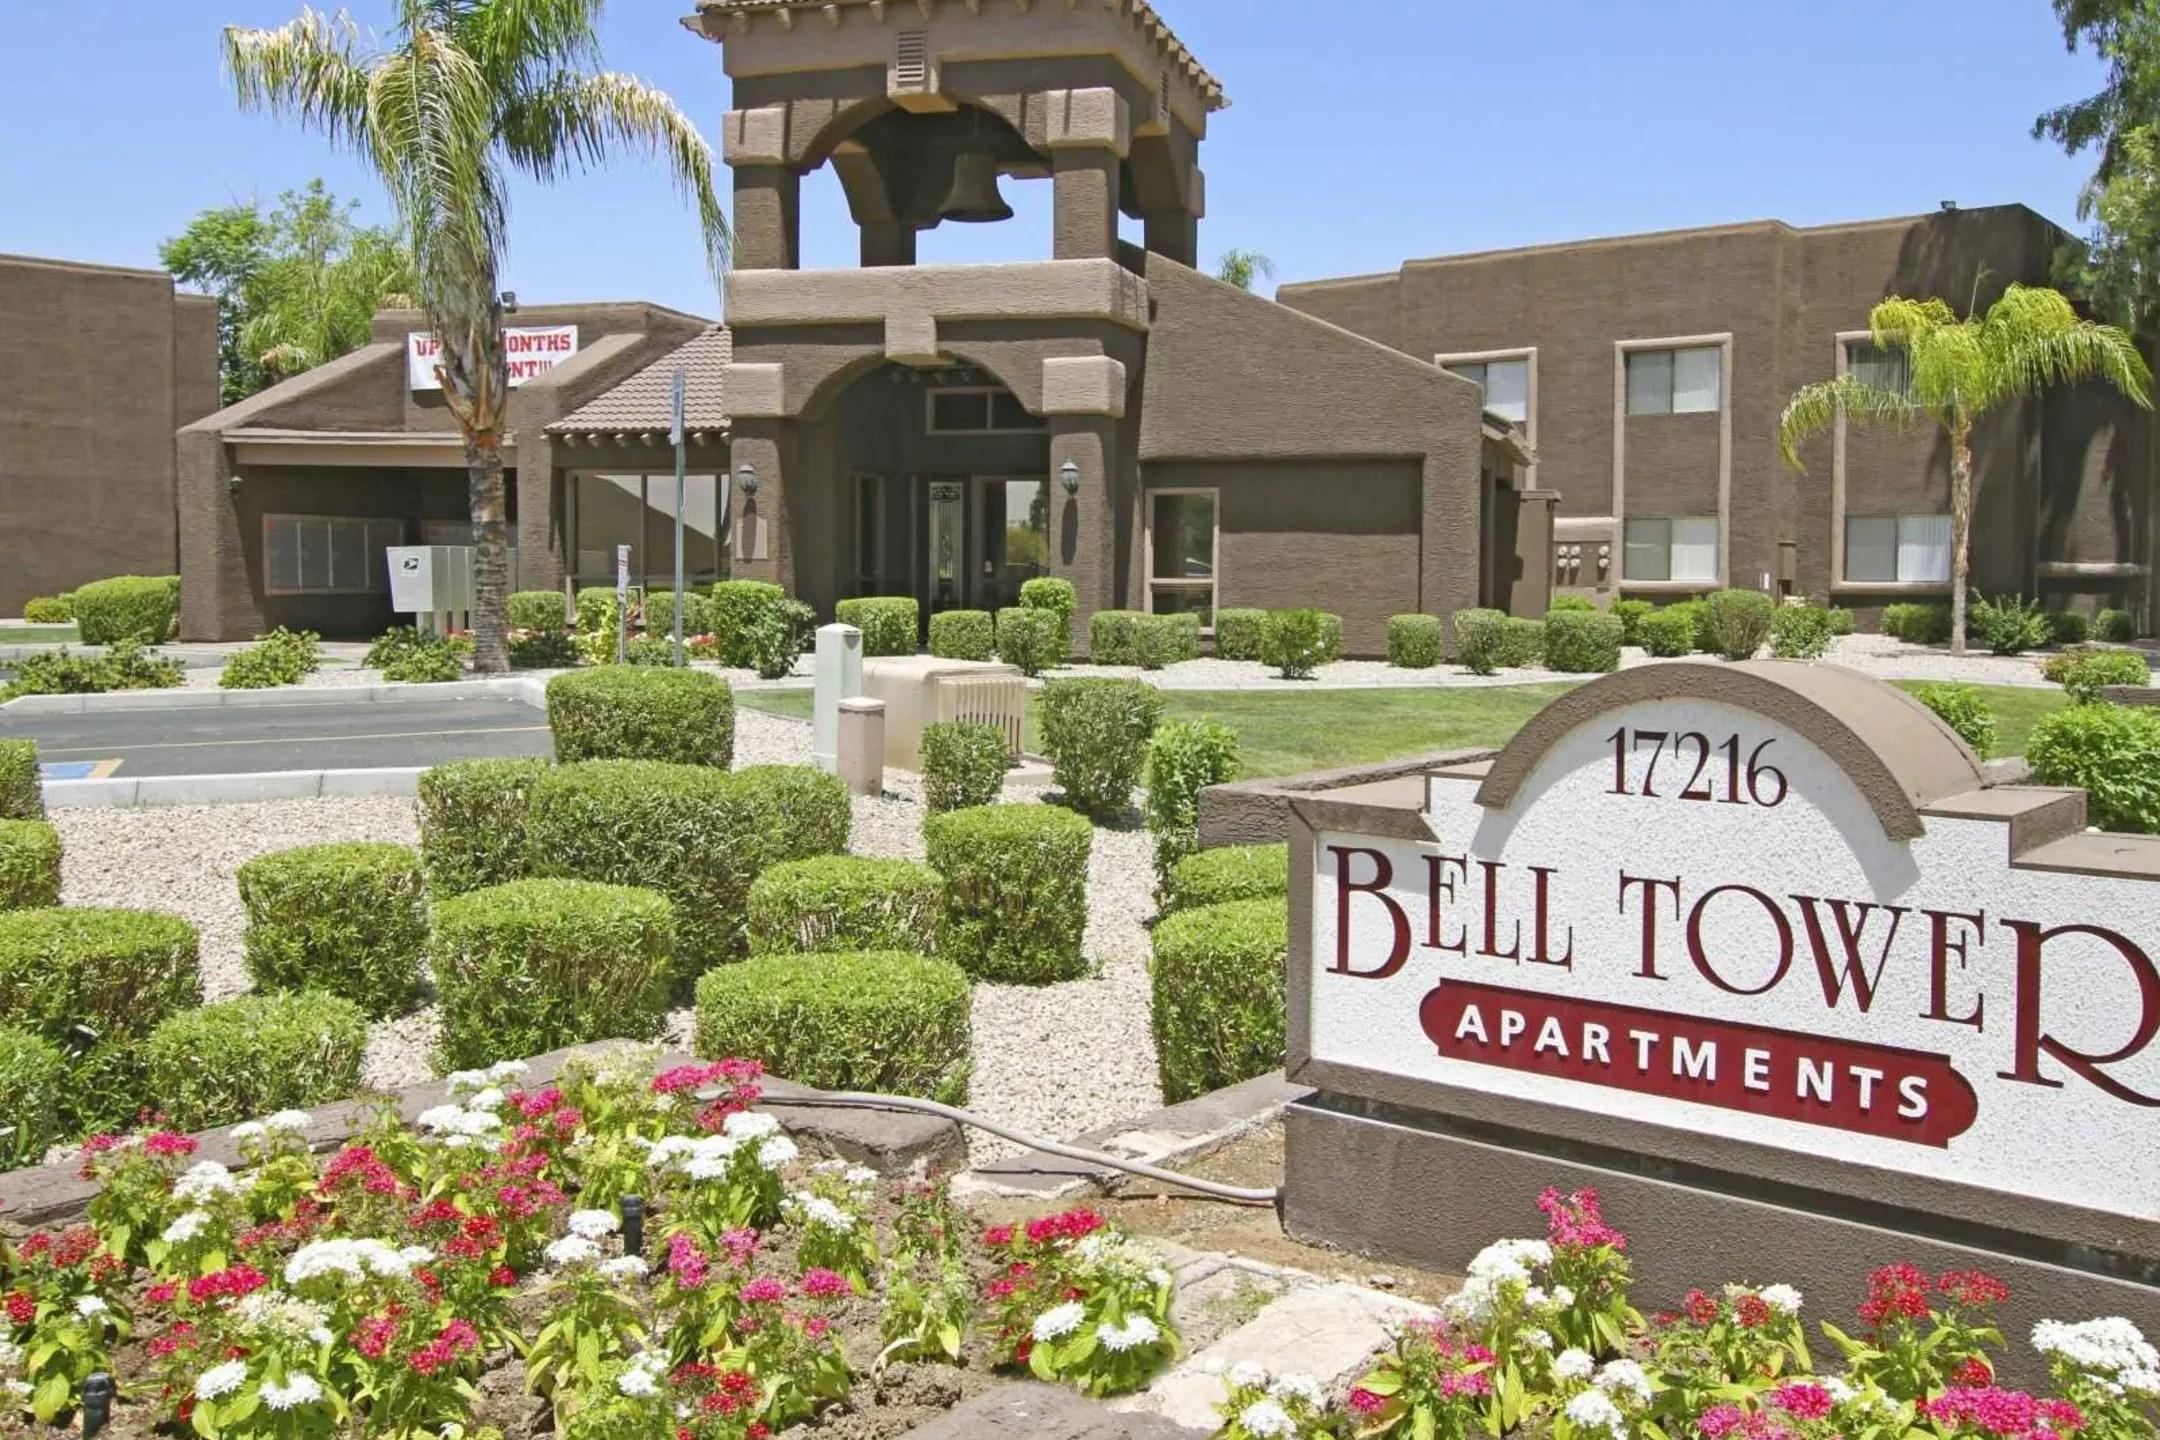 Bell Tower Apartments  Phoenix AZ 85053